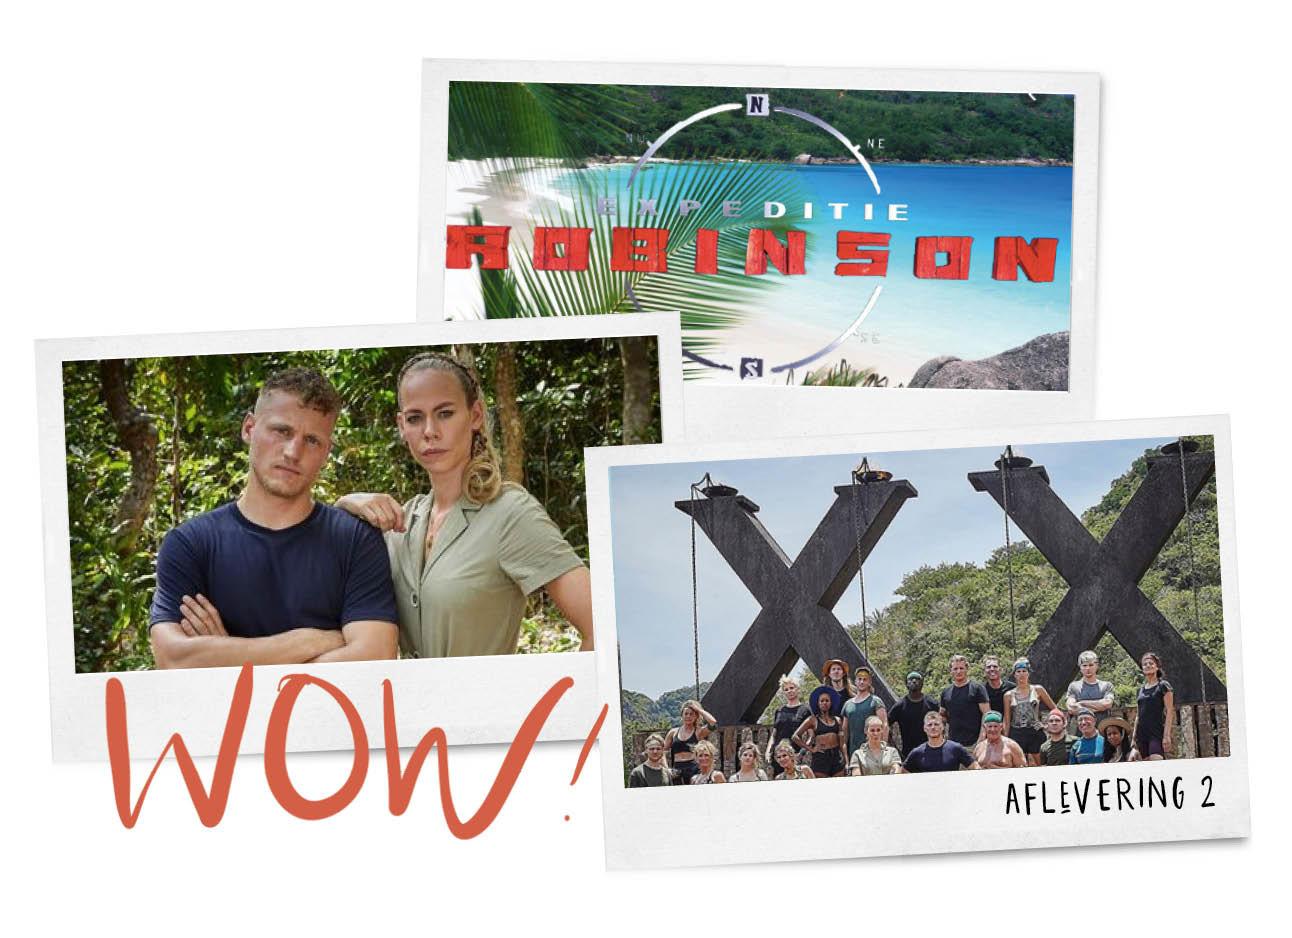 Op de foto staan 3 beelden van de serie expeditie robinson